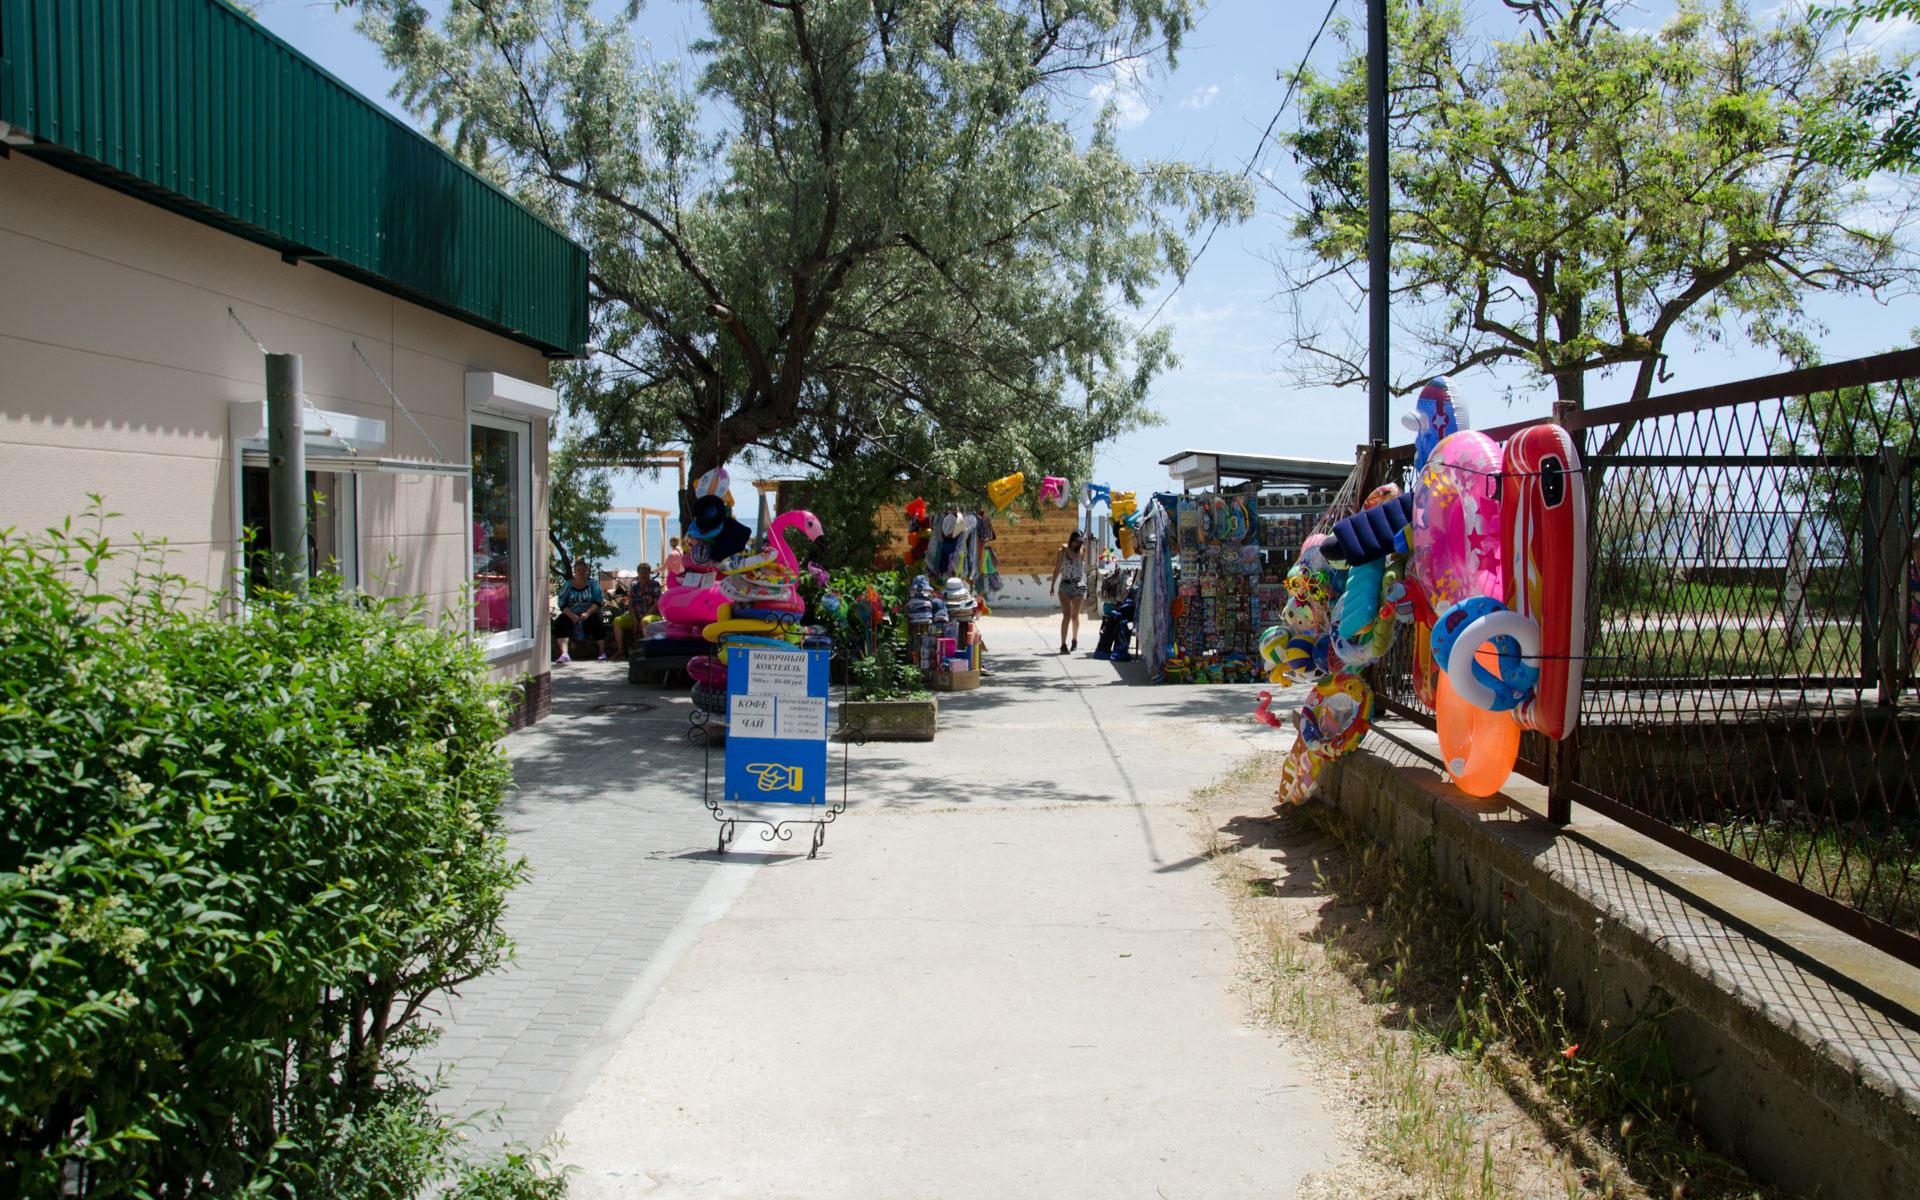 Товары для пляжа в Заозерном. Фото Заозёрного